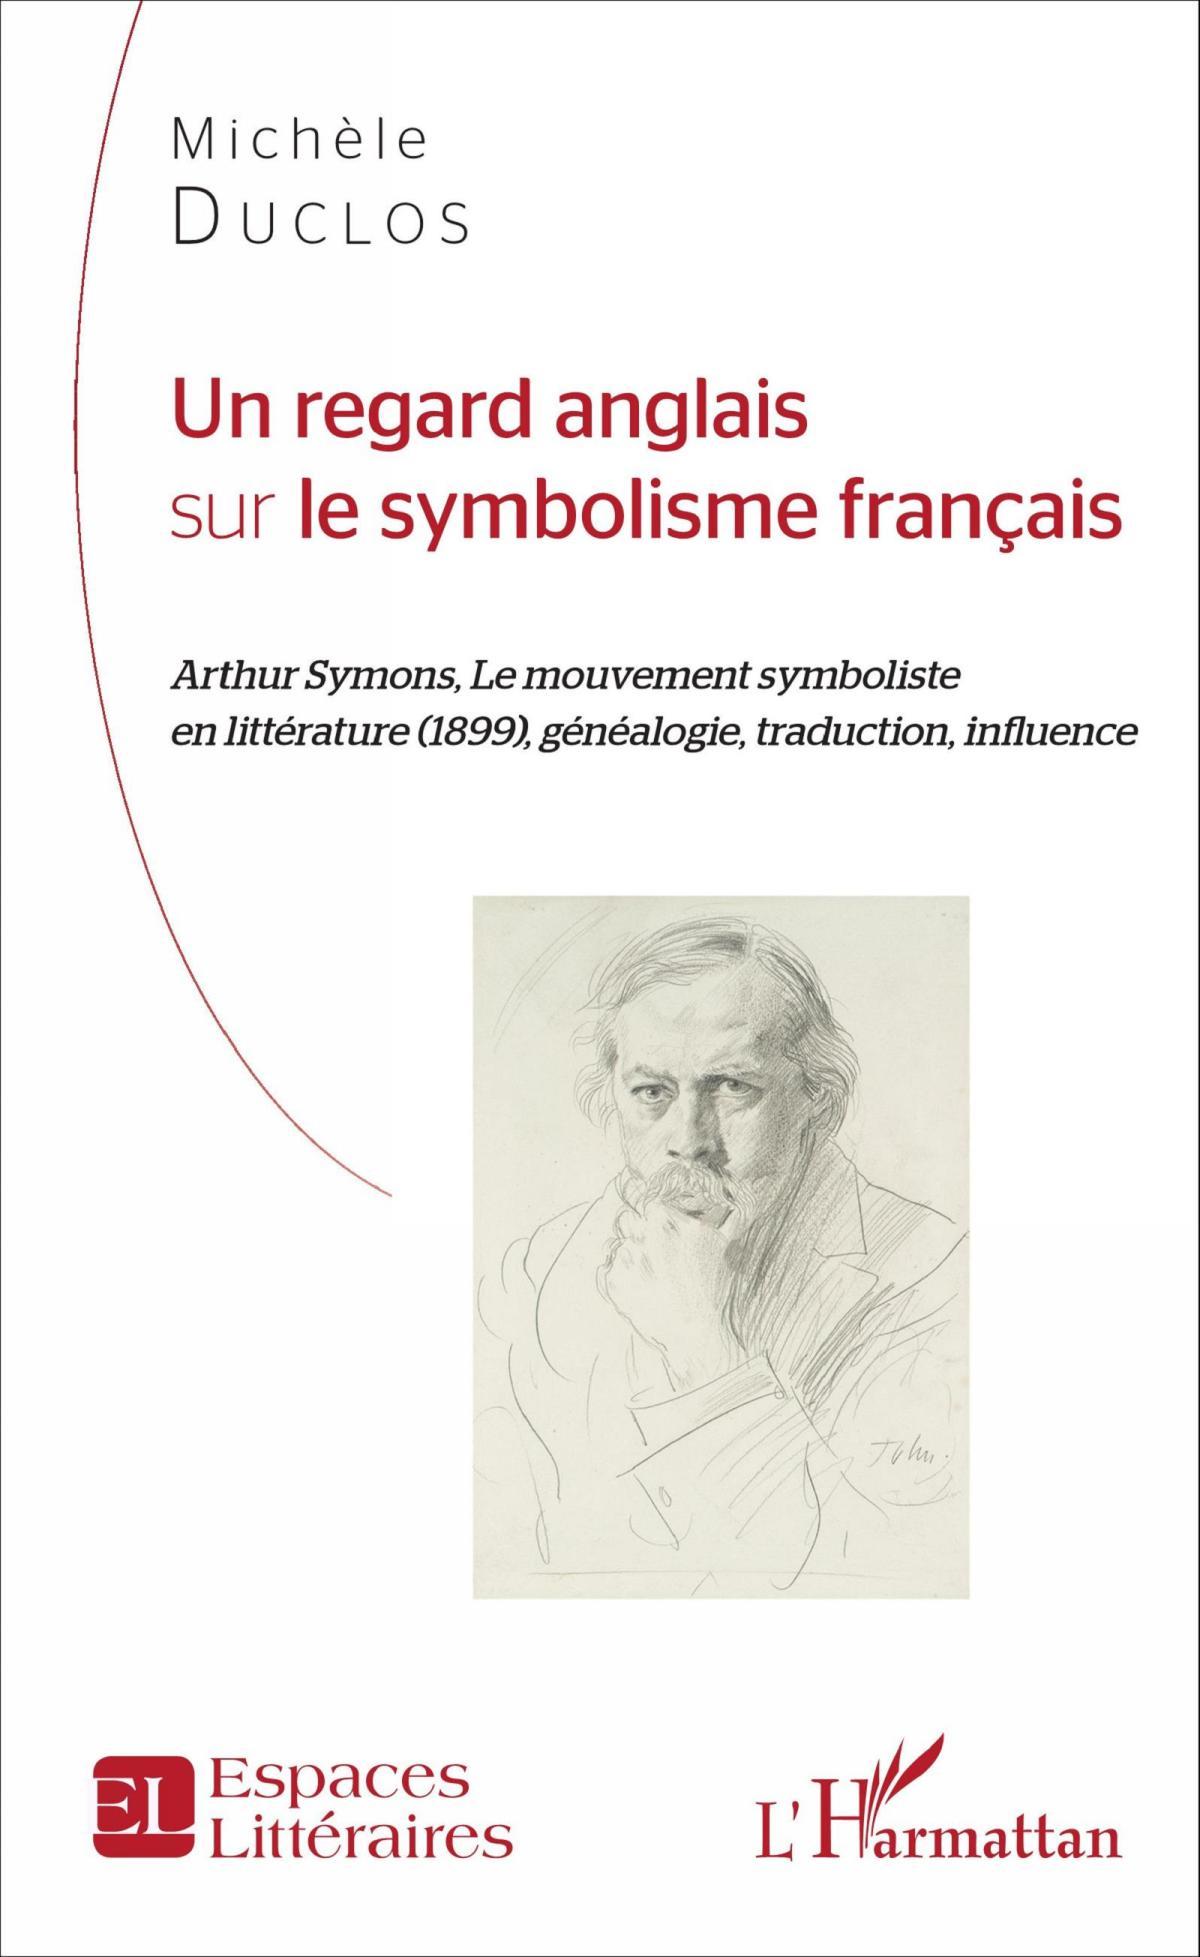 Michèle Duclos, Un regard anglais sur le symbolisme français, (L'Harmattan, 2016, 265 pages, 27 €).